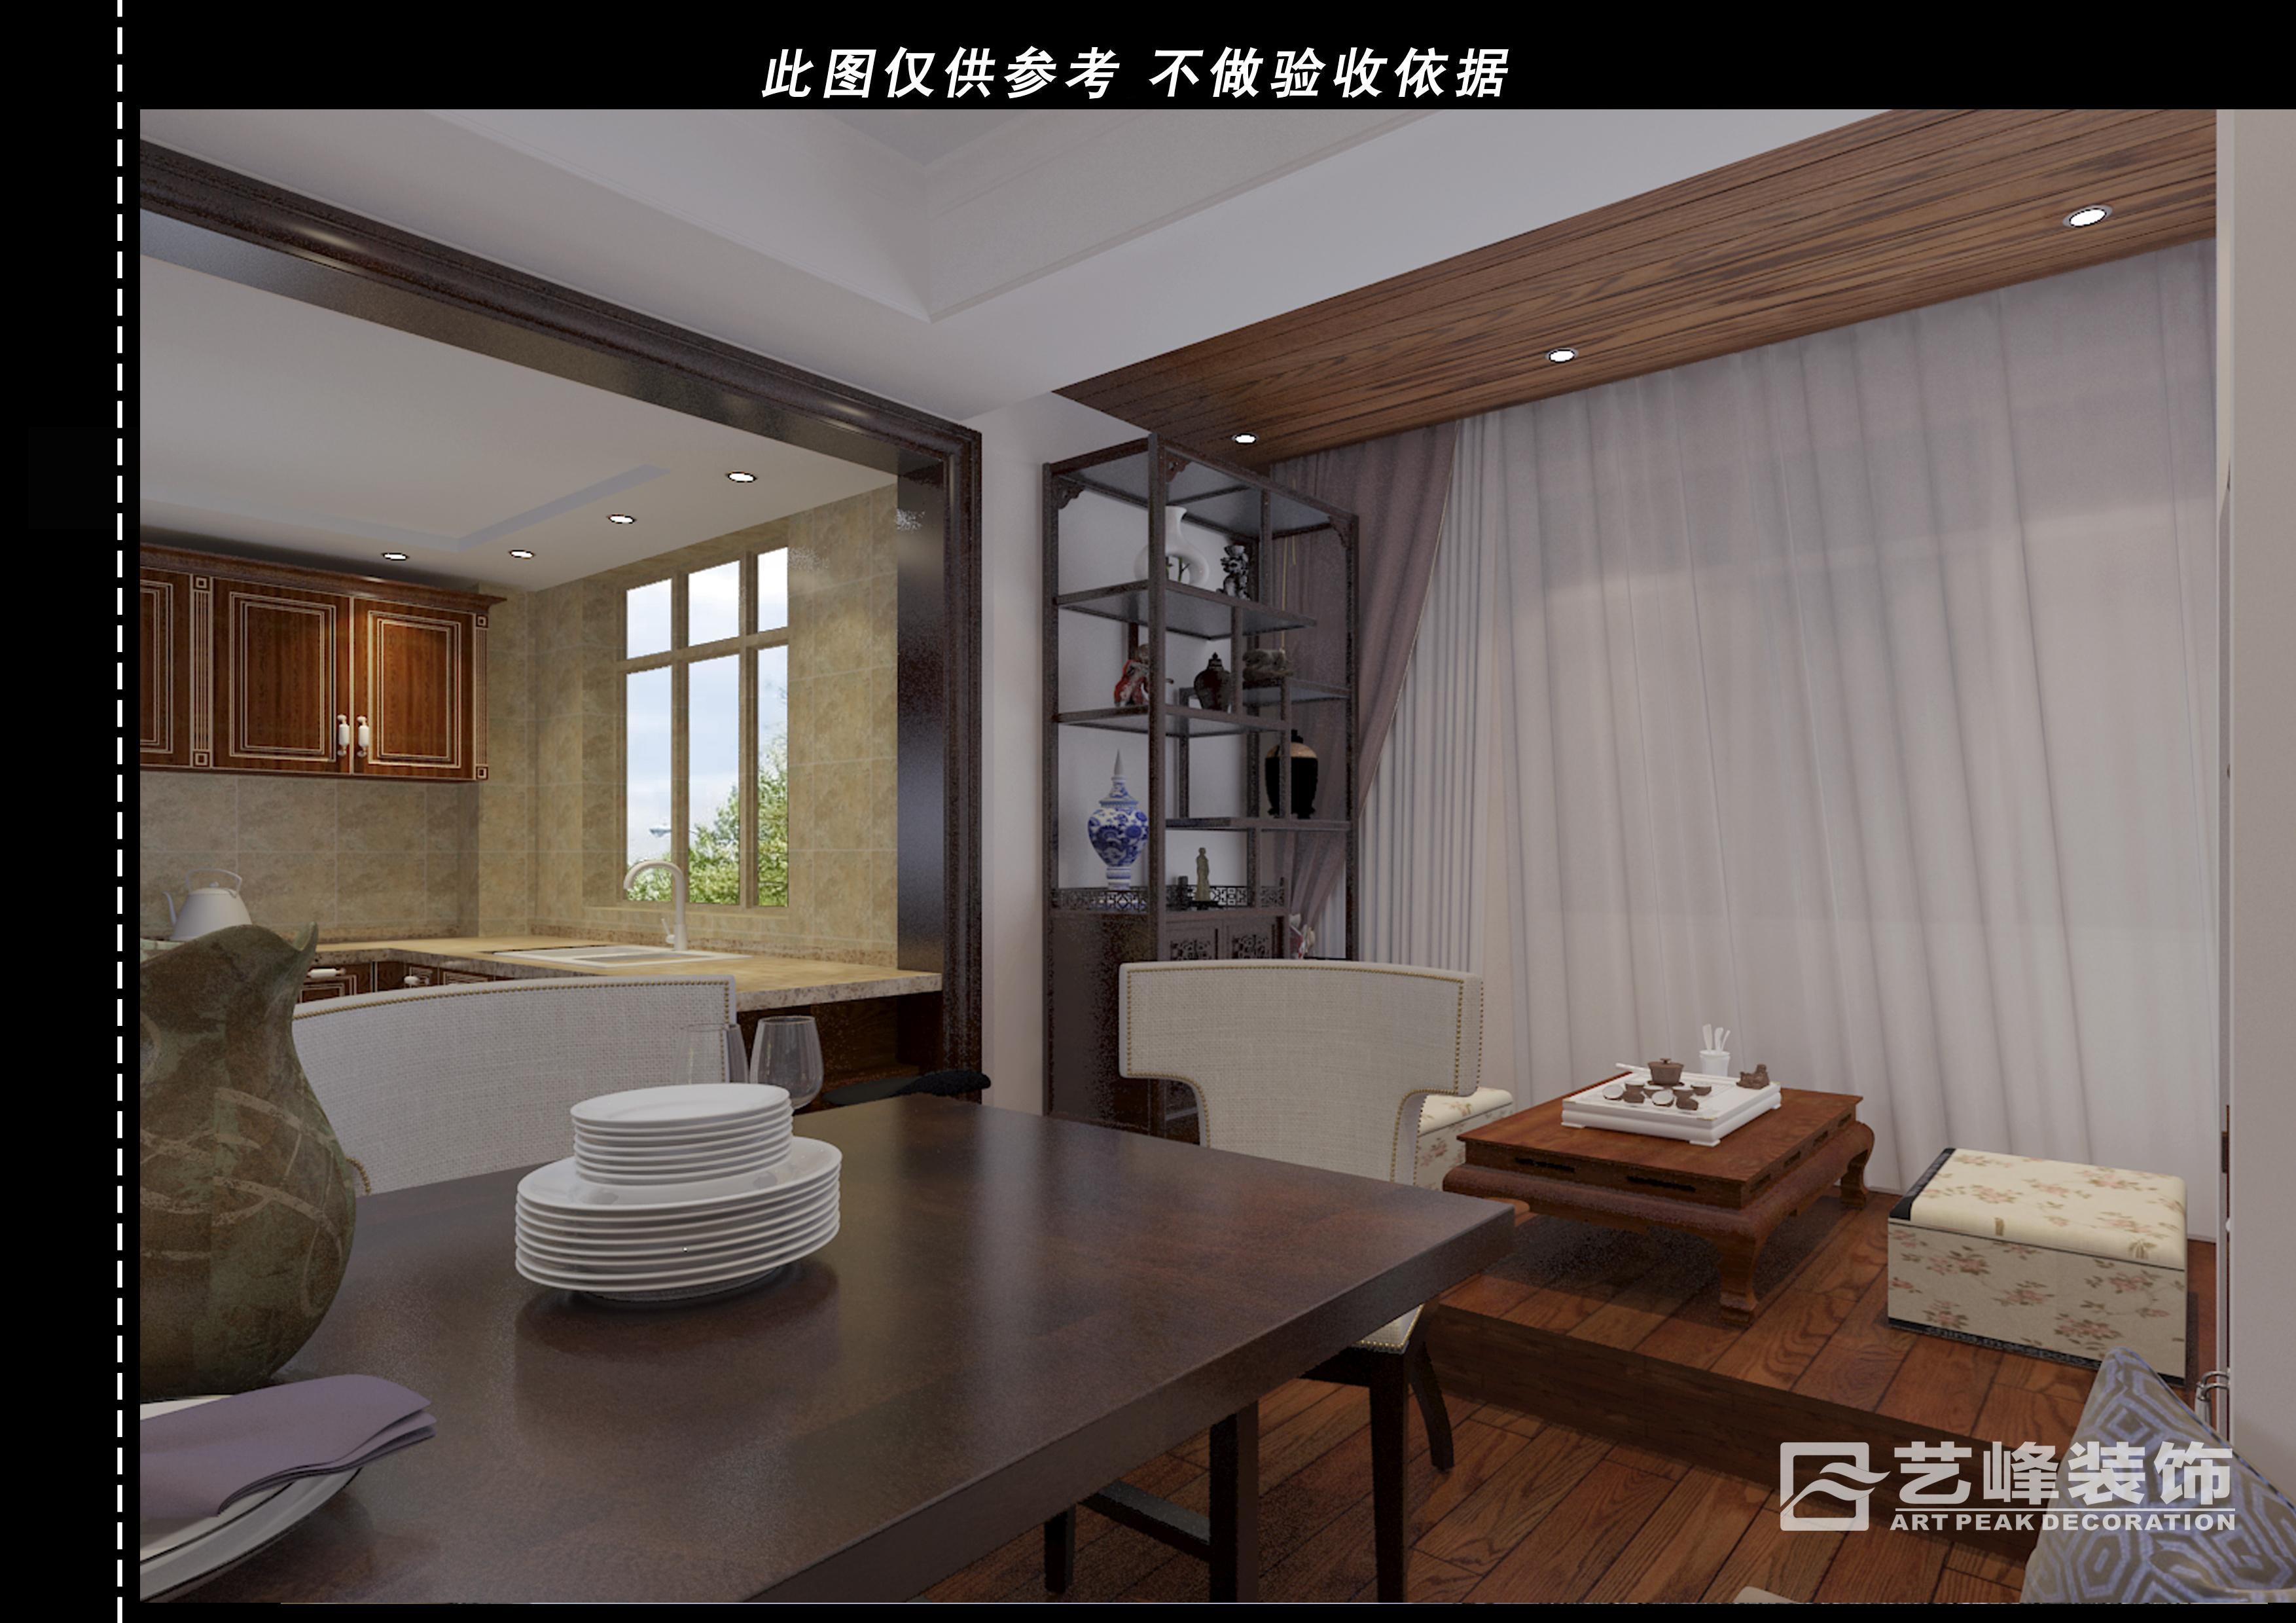 家和小區現代簡約裝修效果圖